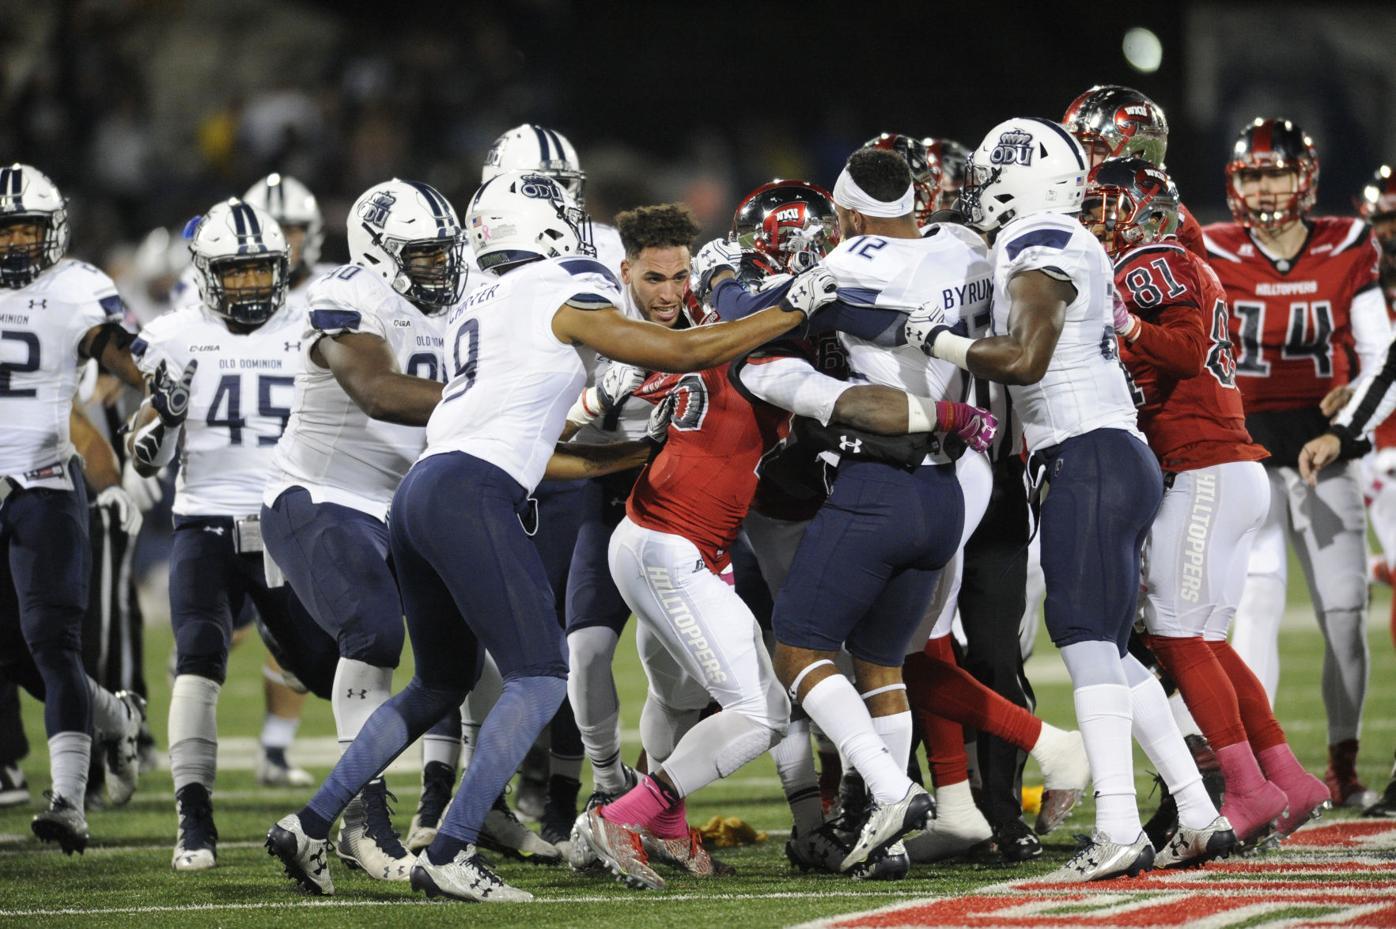 SLIDE SHOW: Images from the ODU/WKU brawl | WKU Sports ...